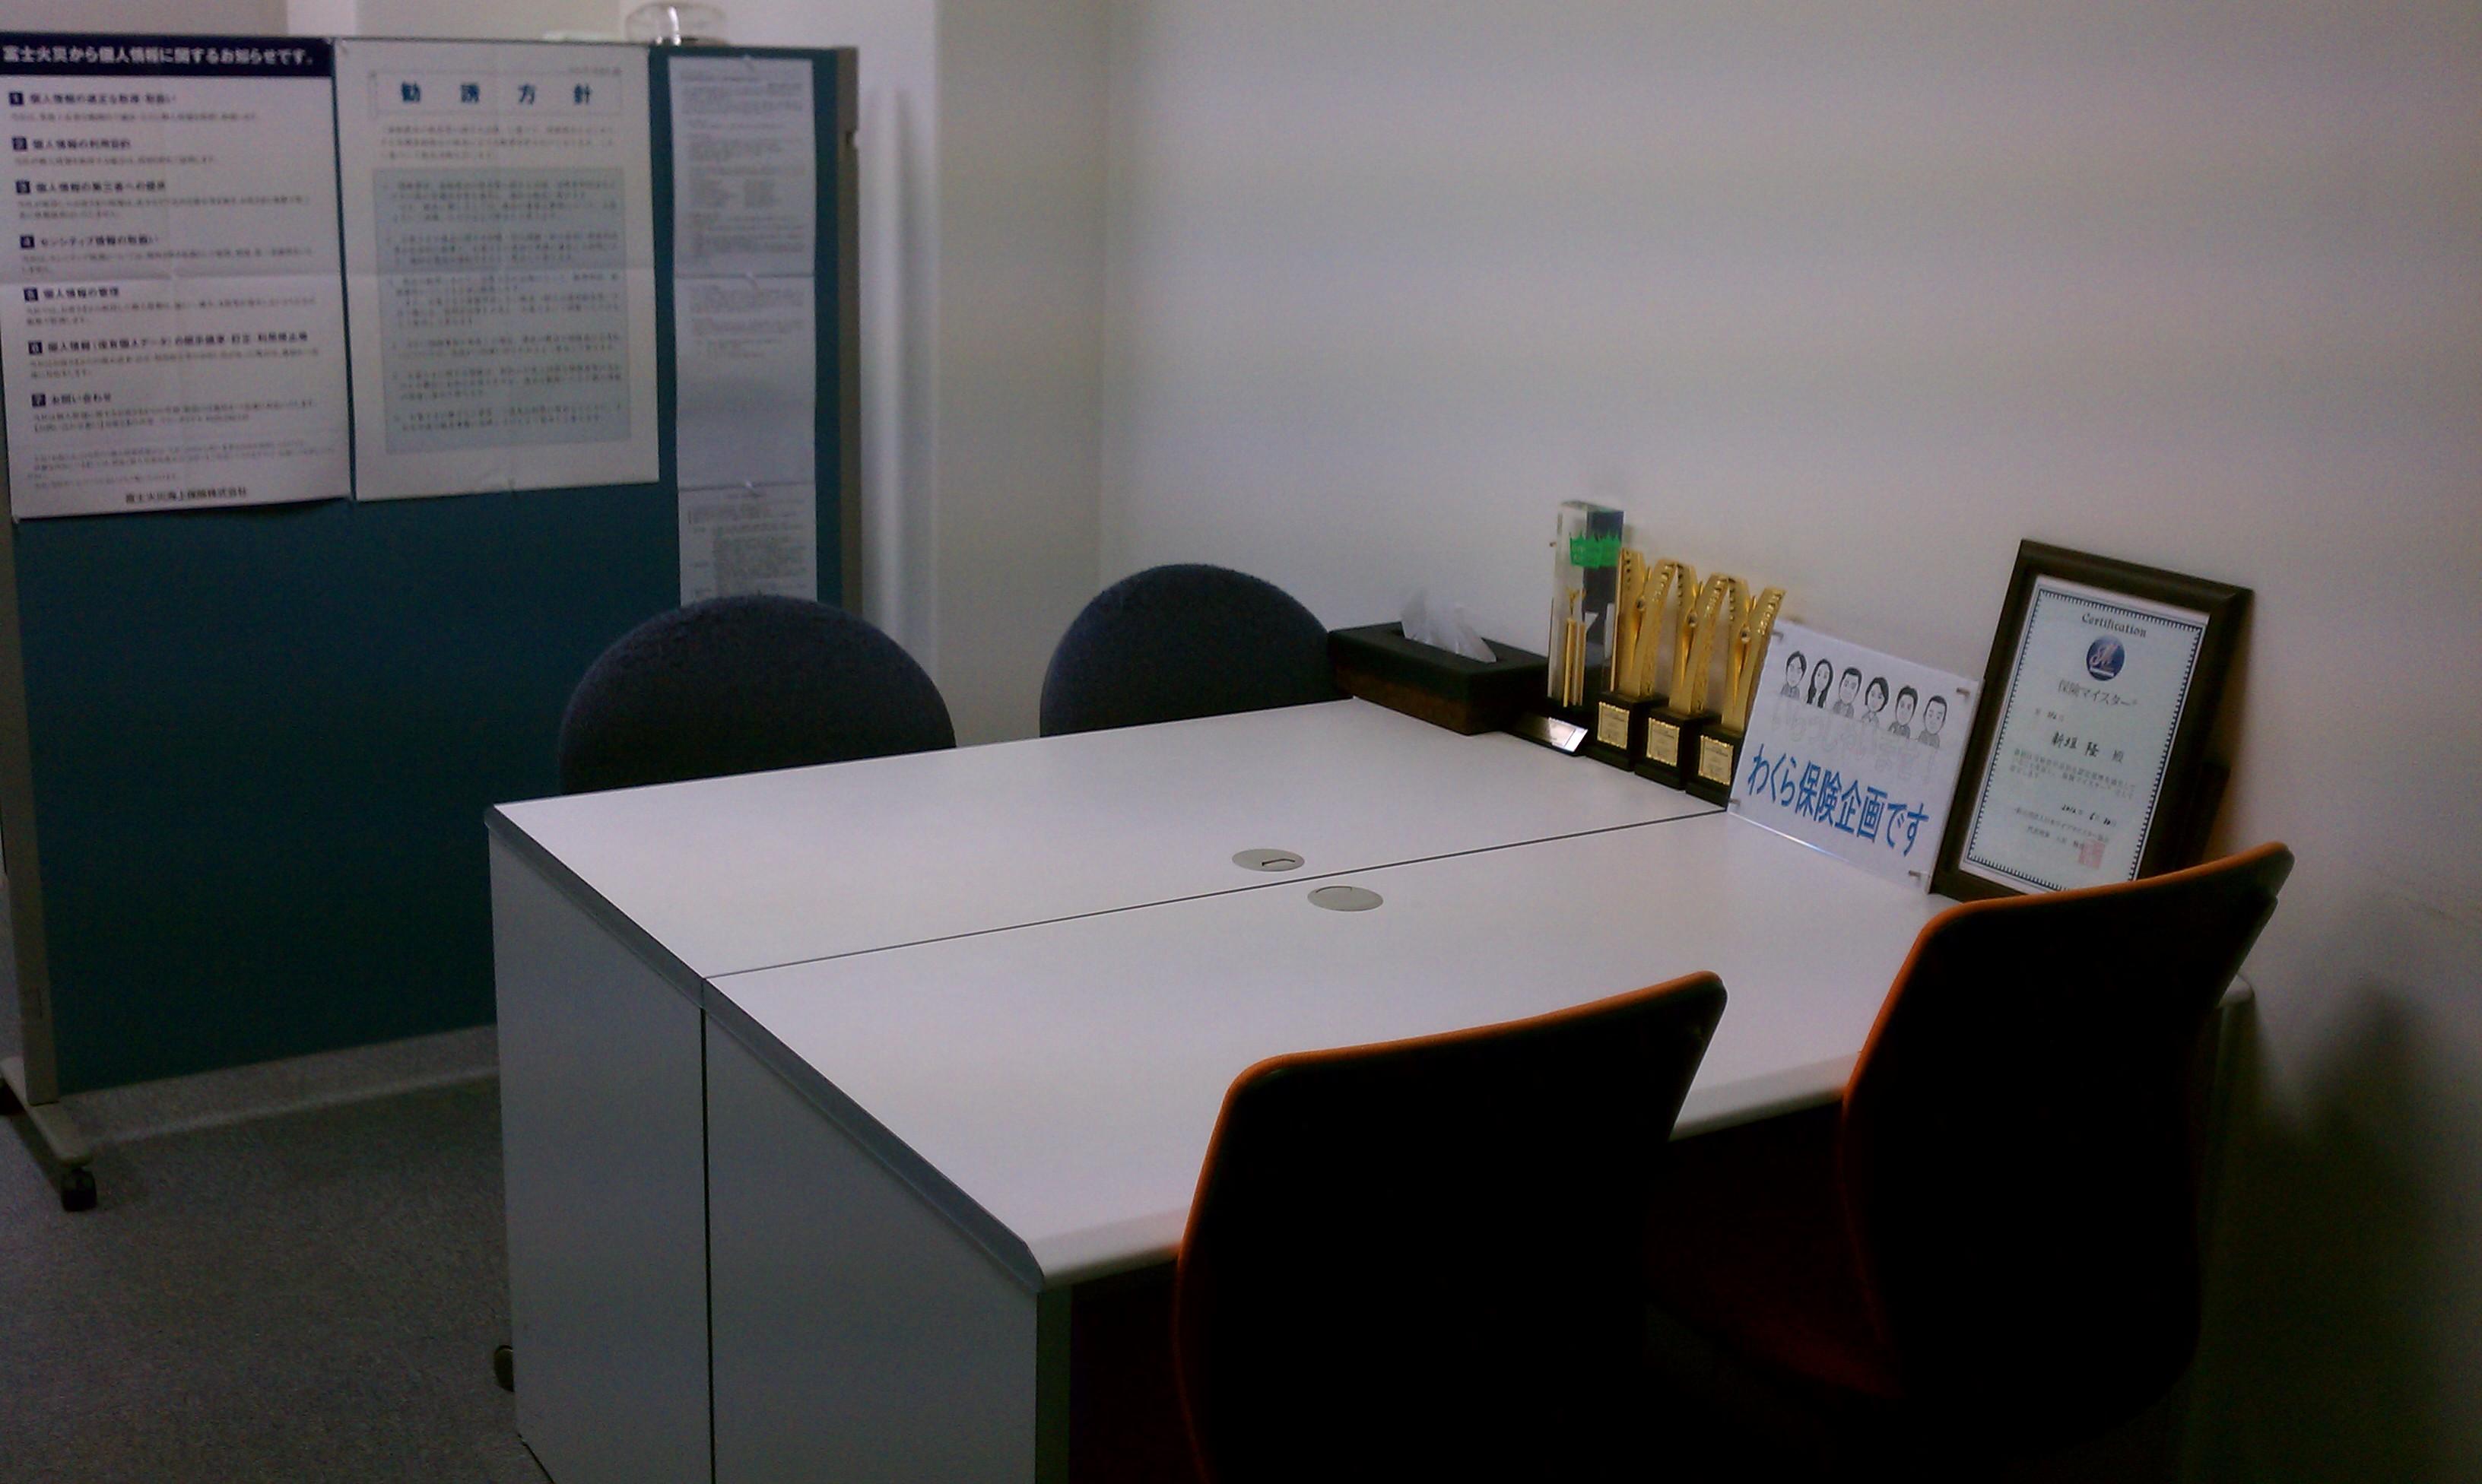 横浜市港北区新横浜:わくら保険企画